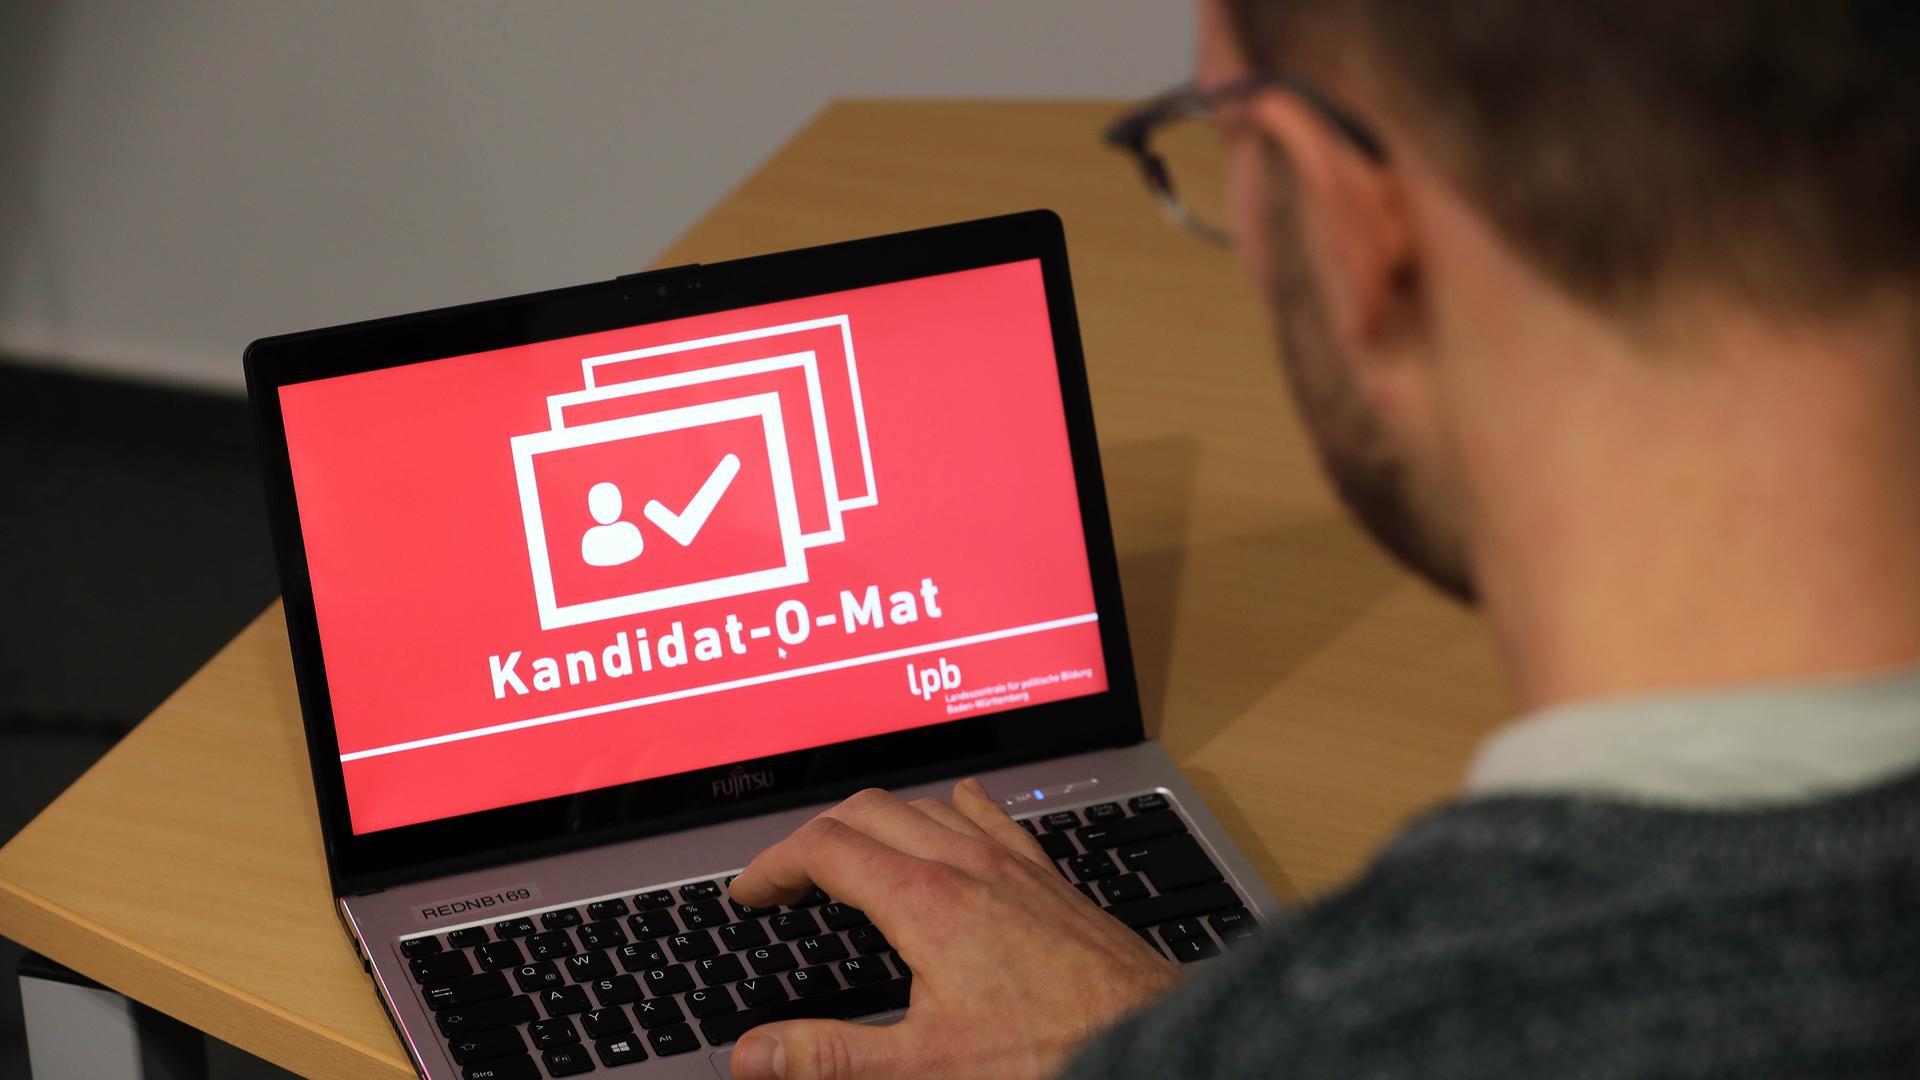 Laptop mit der Startseite des Kandidat-O-Mat